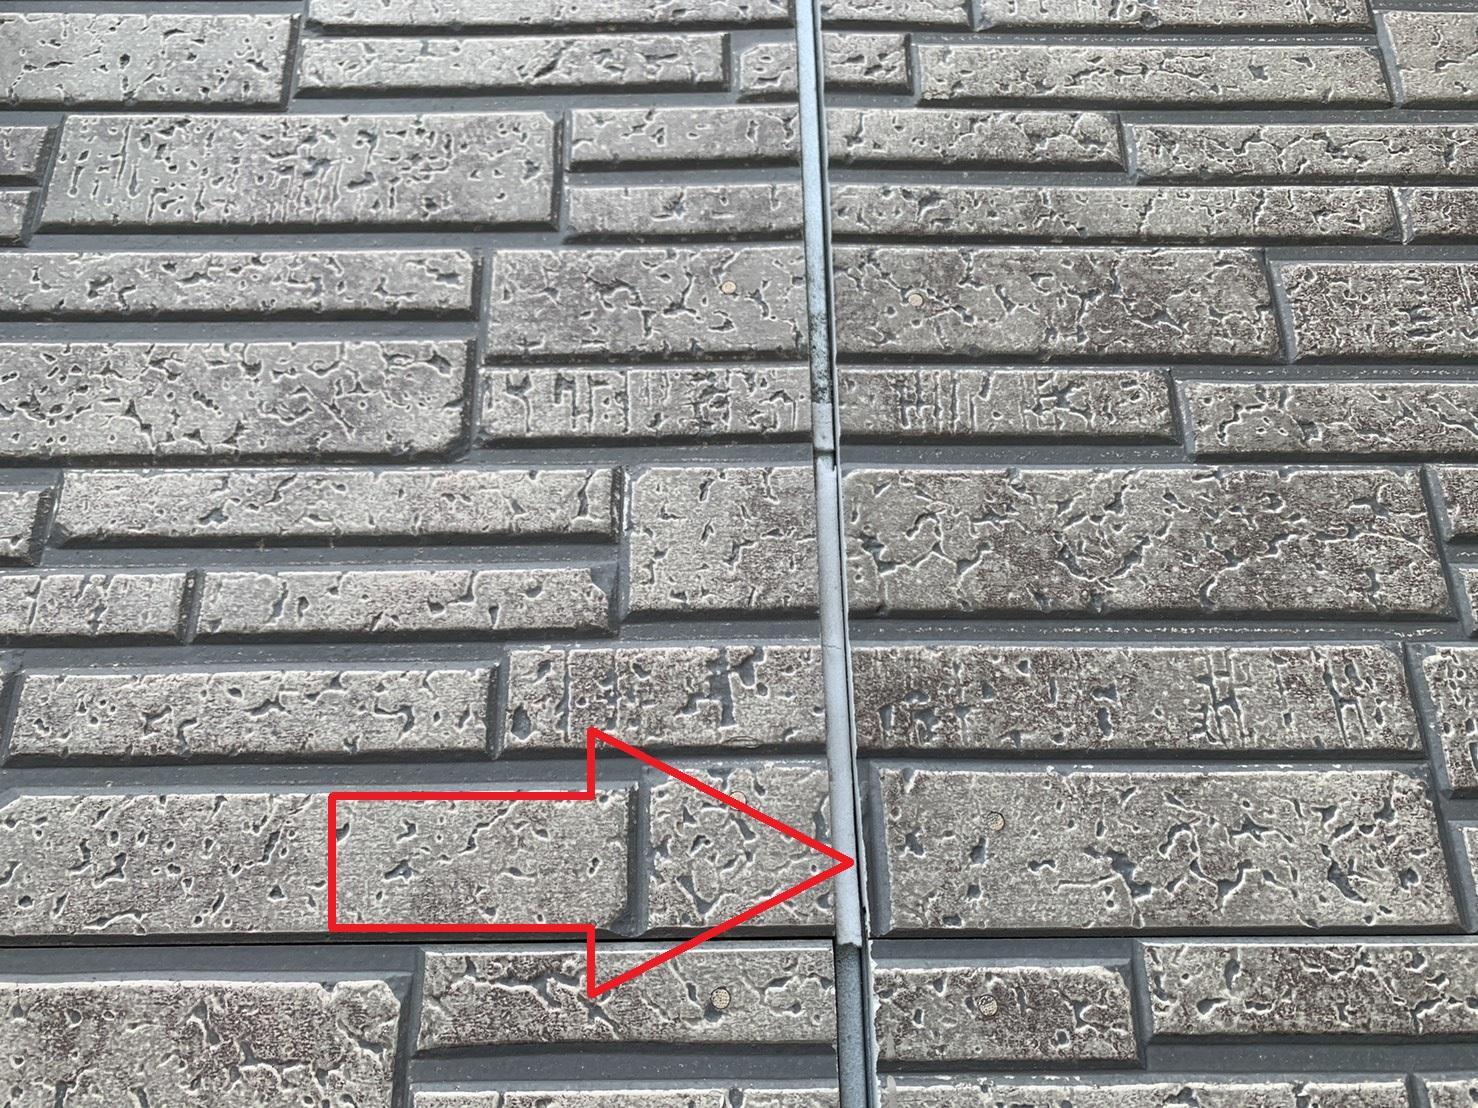 外壁のサイデイング目地のコーキングが剥がれている様子